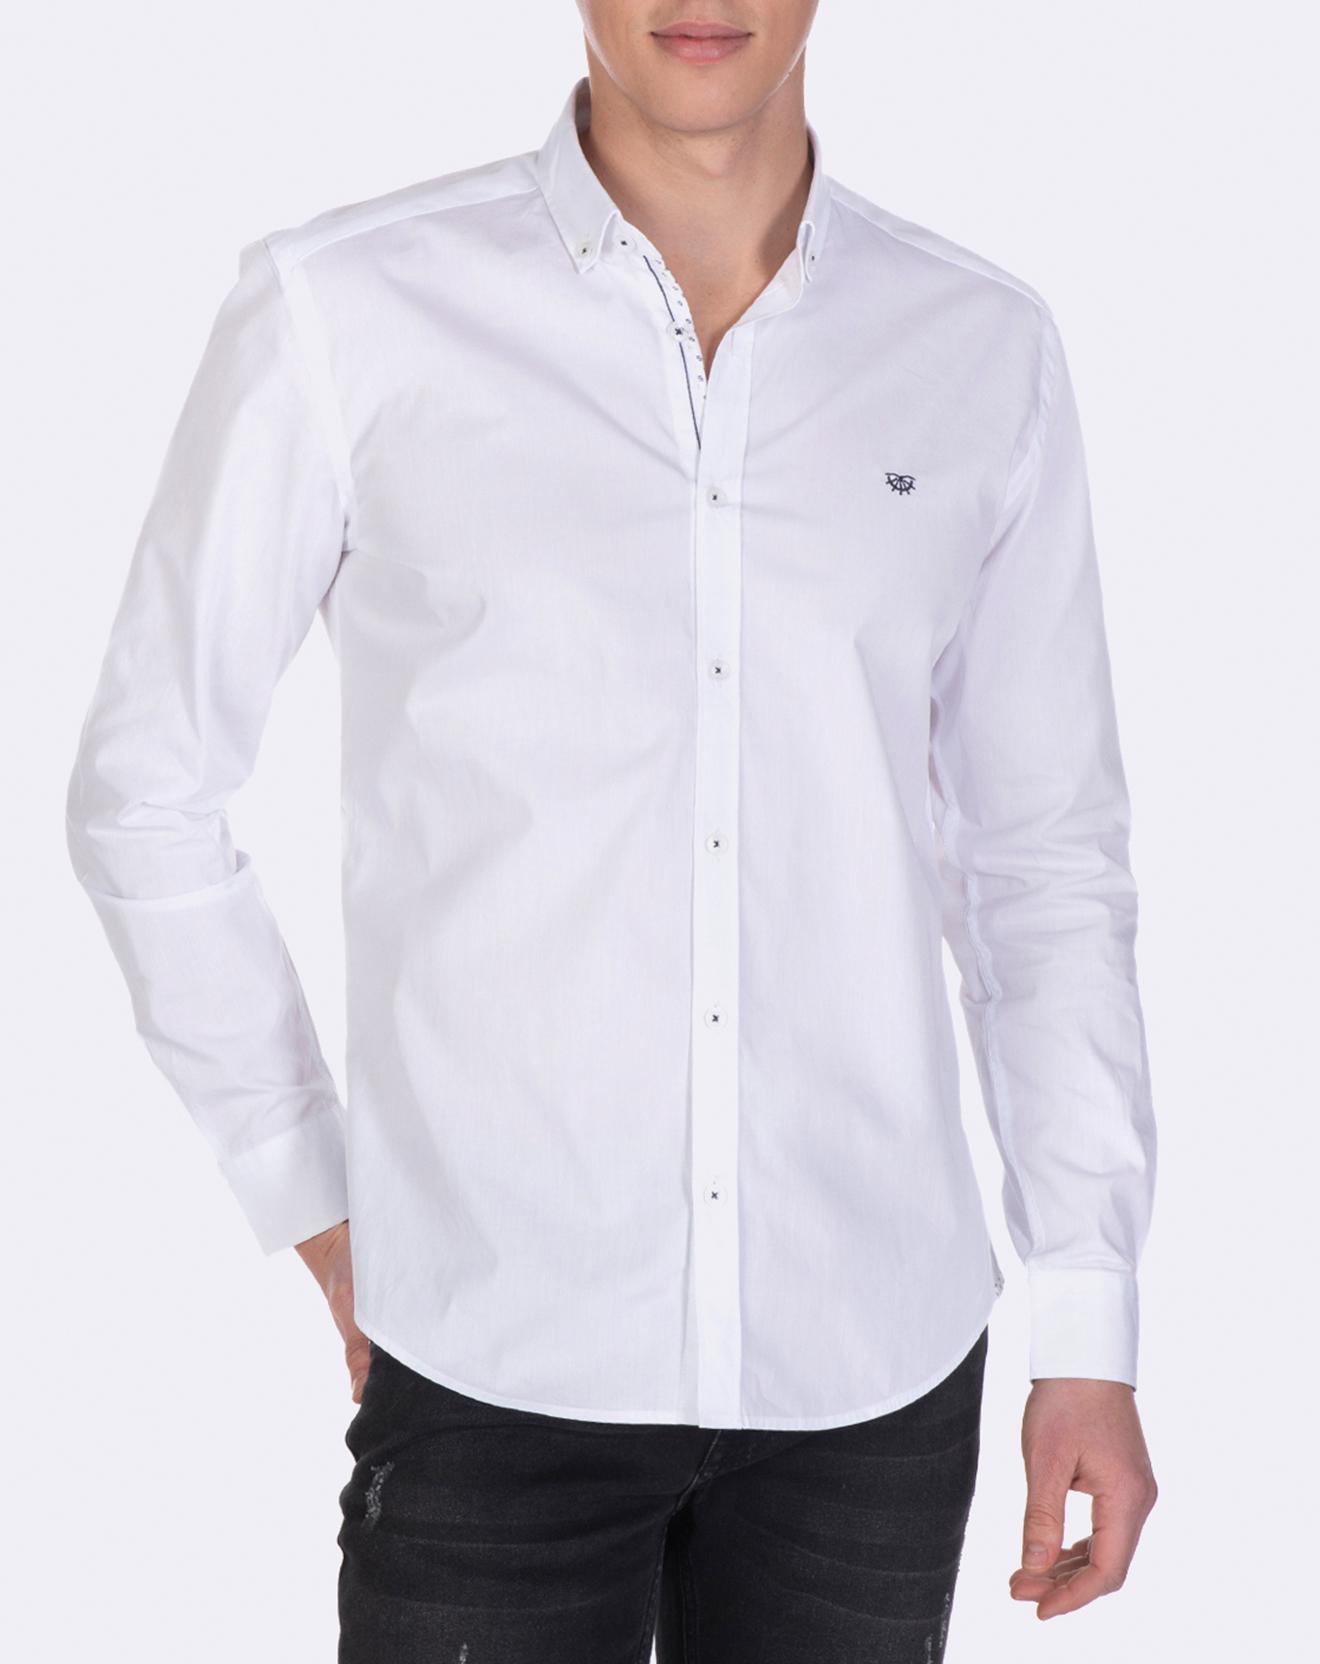 Chemise logo sur coeur blanche